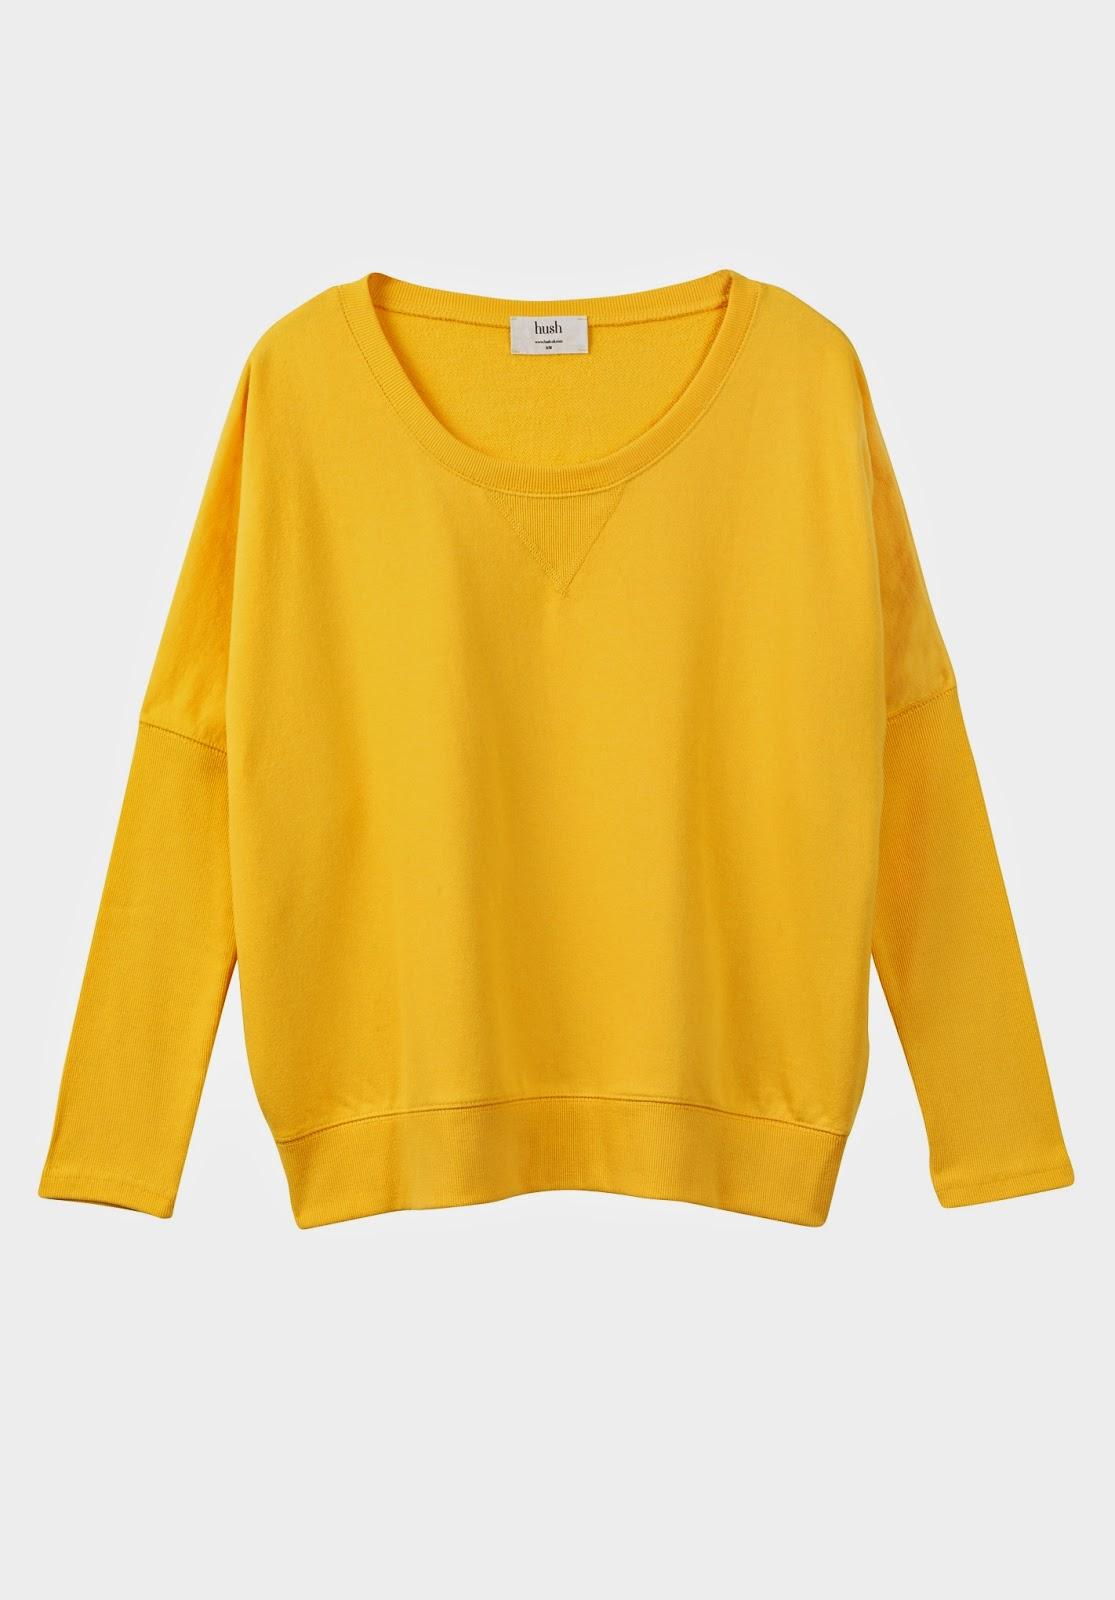 hush yellow sweater